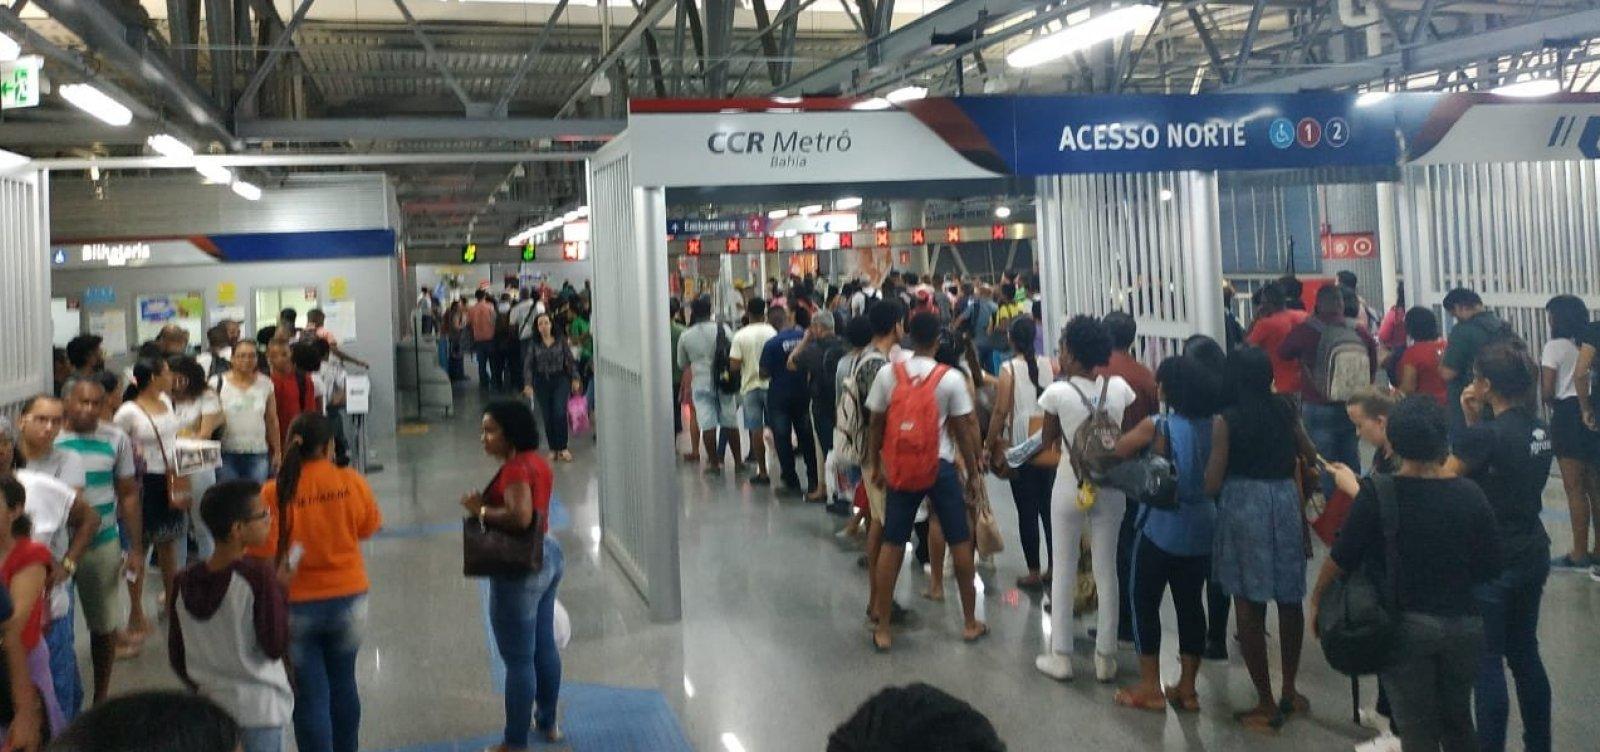 Catracas do metrô param e passageiros penam em filas